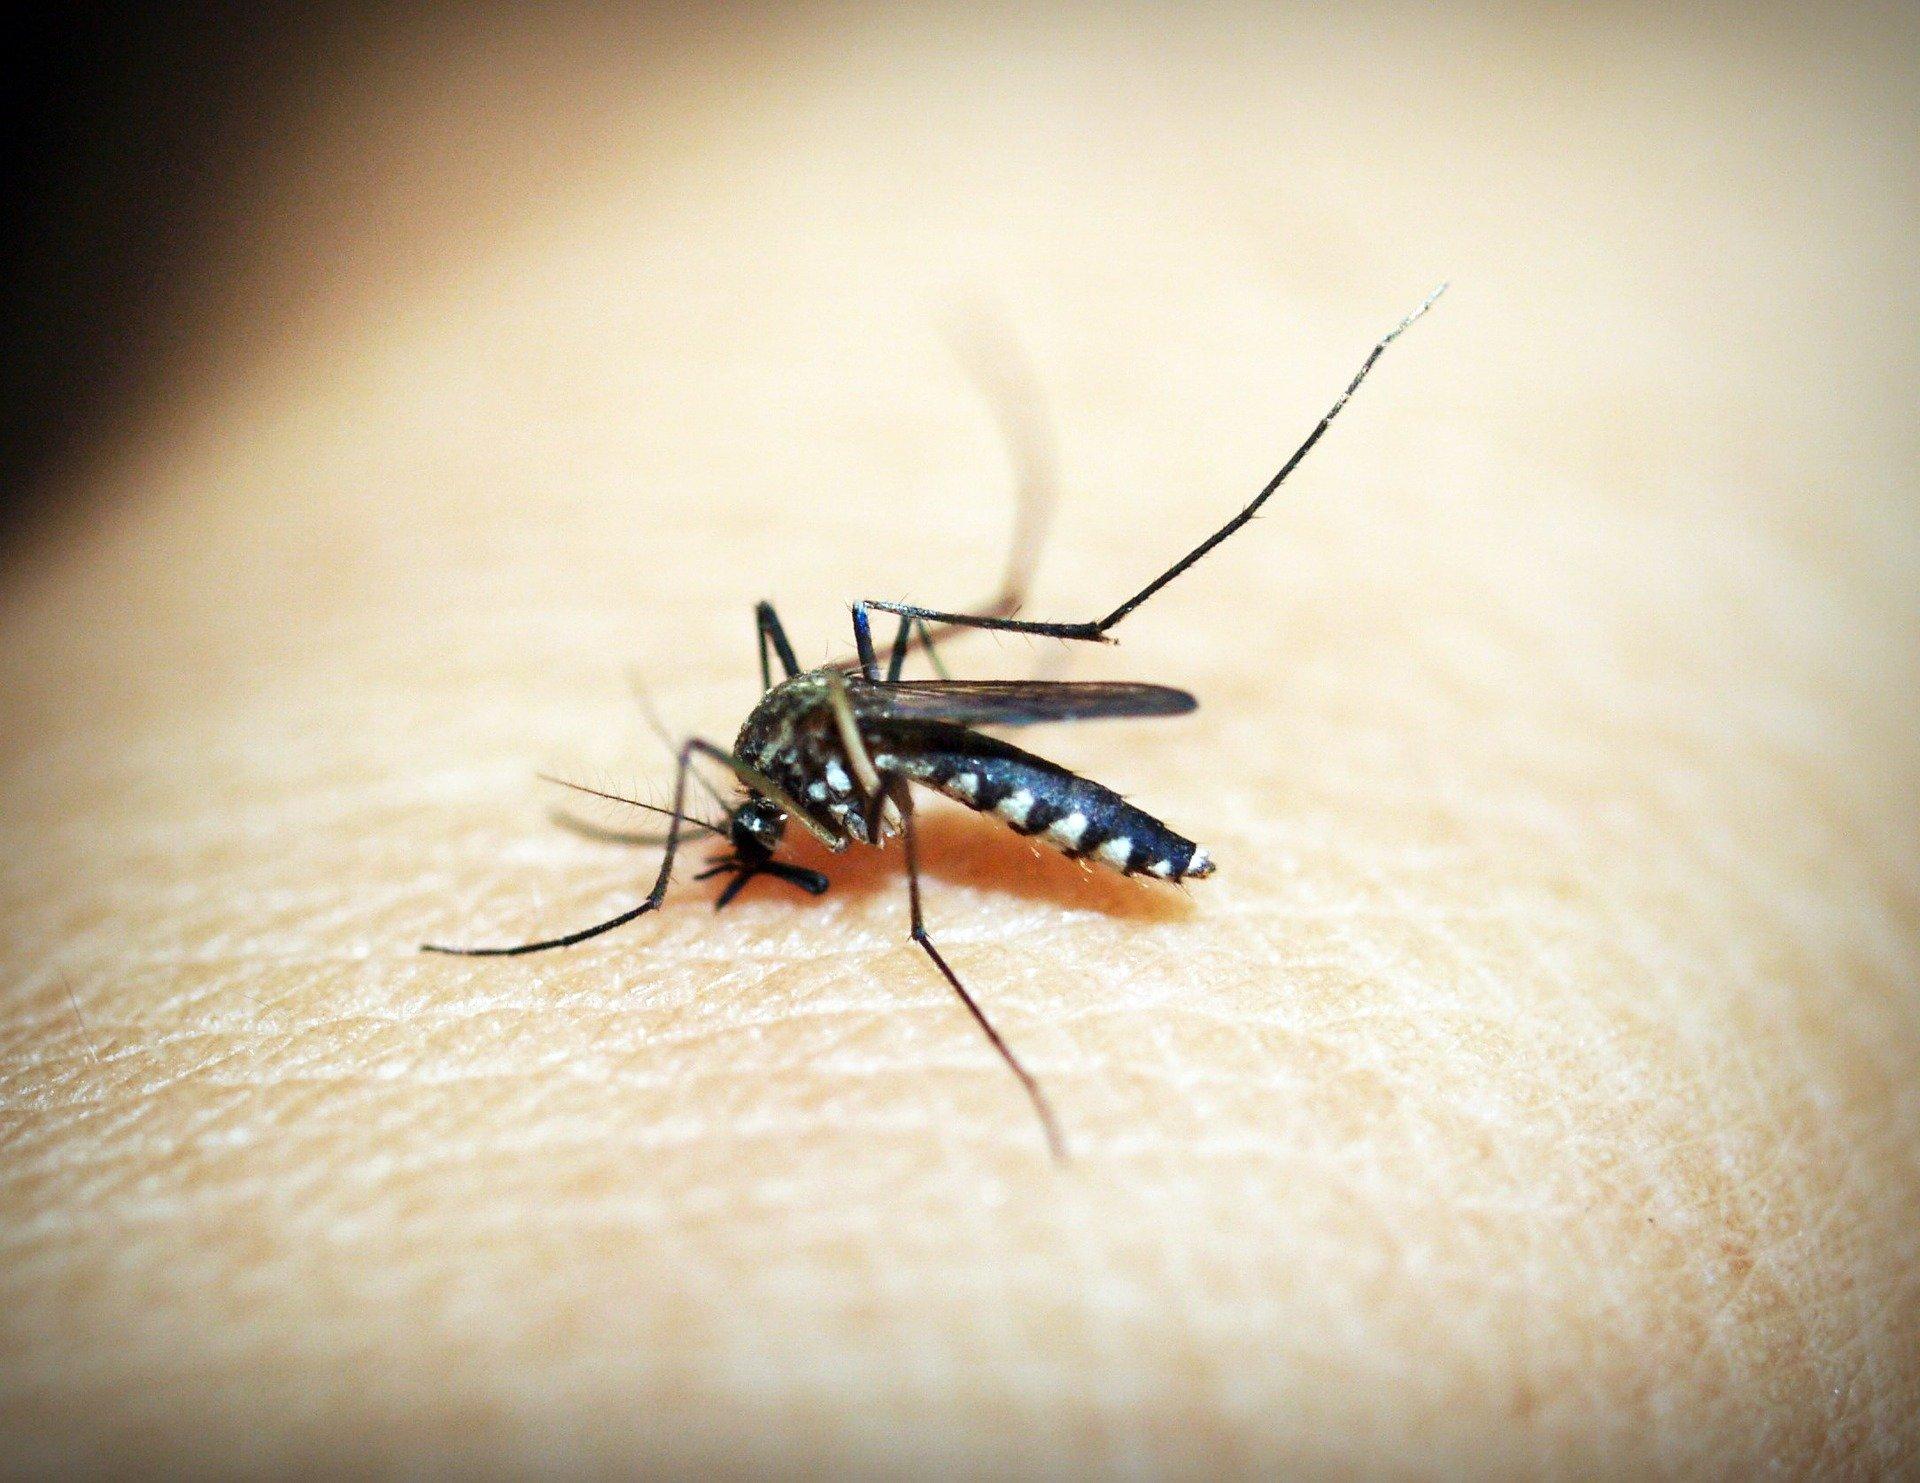 (Estado detectou o vírus em animais silvestres. Foto: Reprodução/Pixabay)